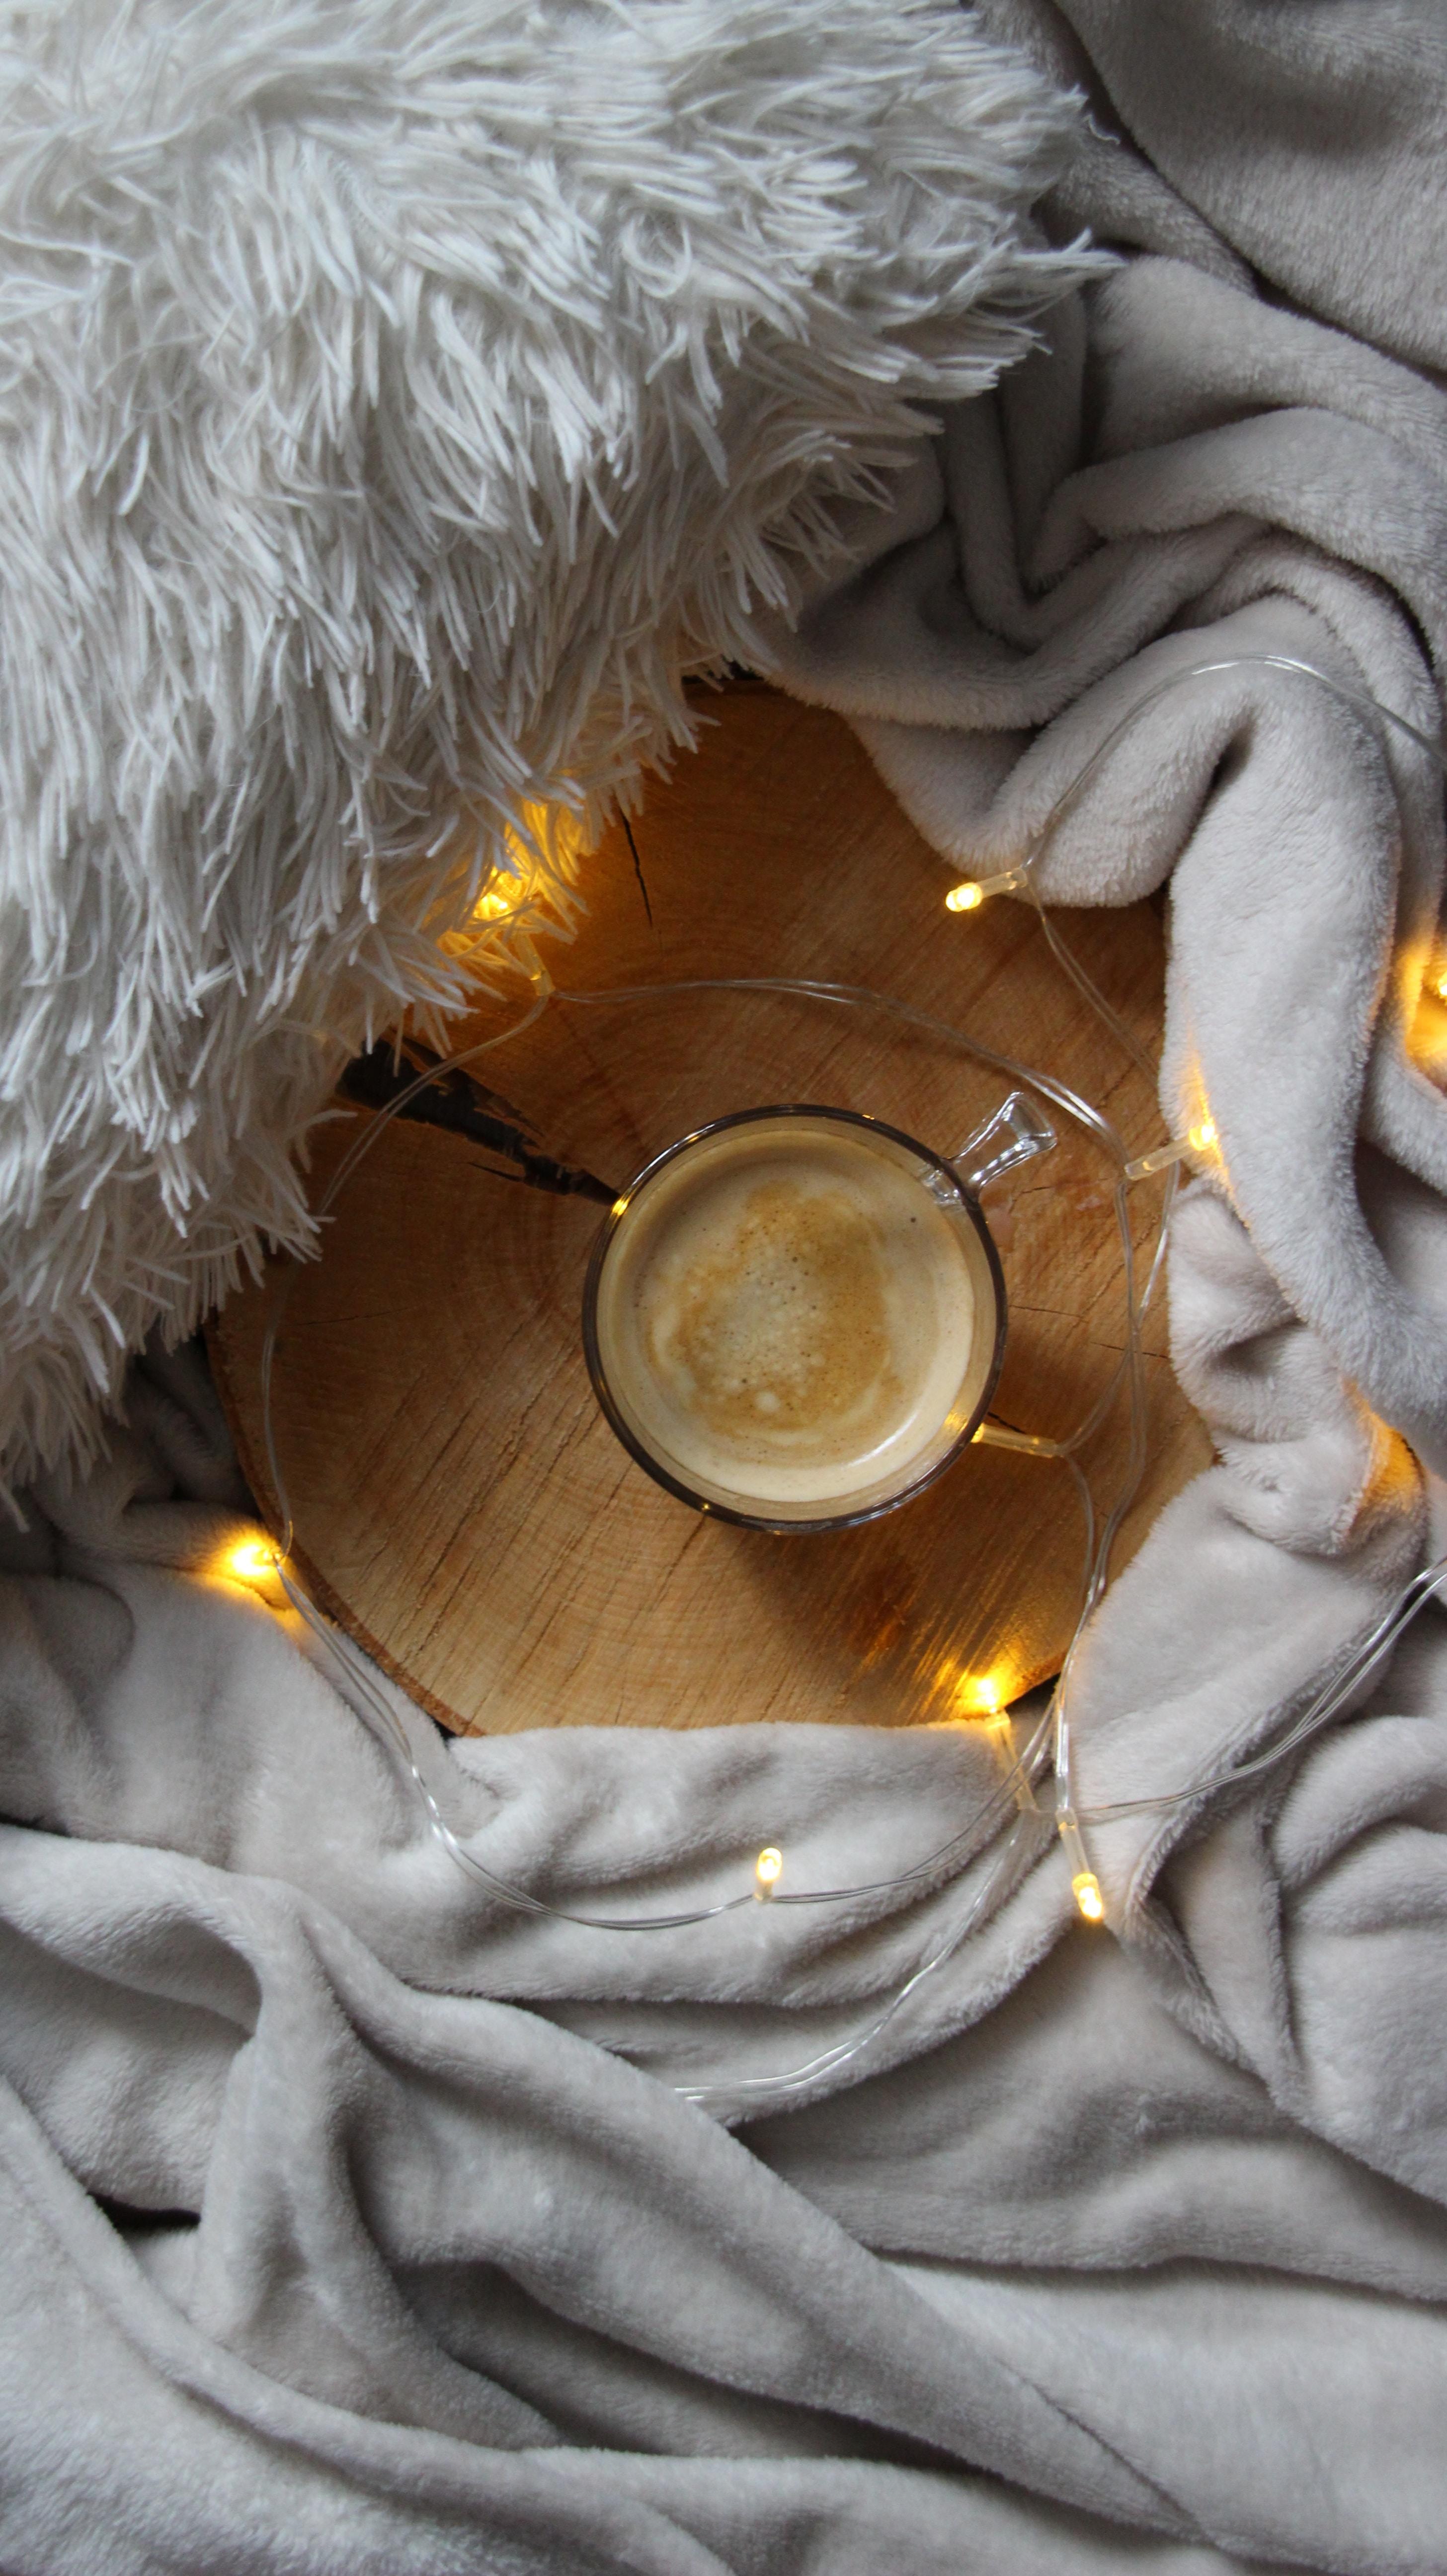 111636 скачать обои Чашка, Кофе, Разное, Гирлянда, Уют, Плед - заставки и картинки бесплатно